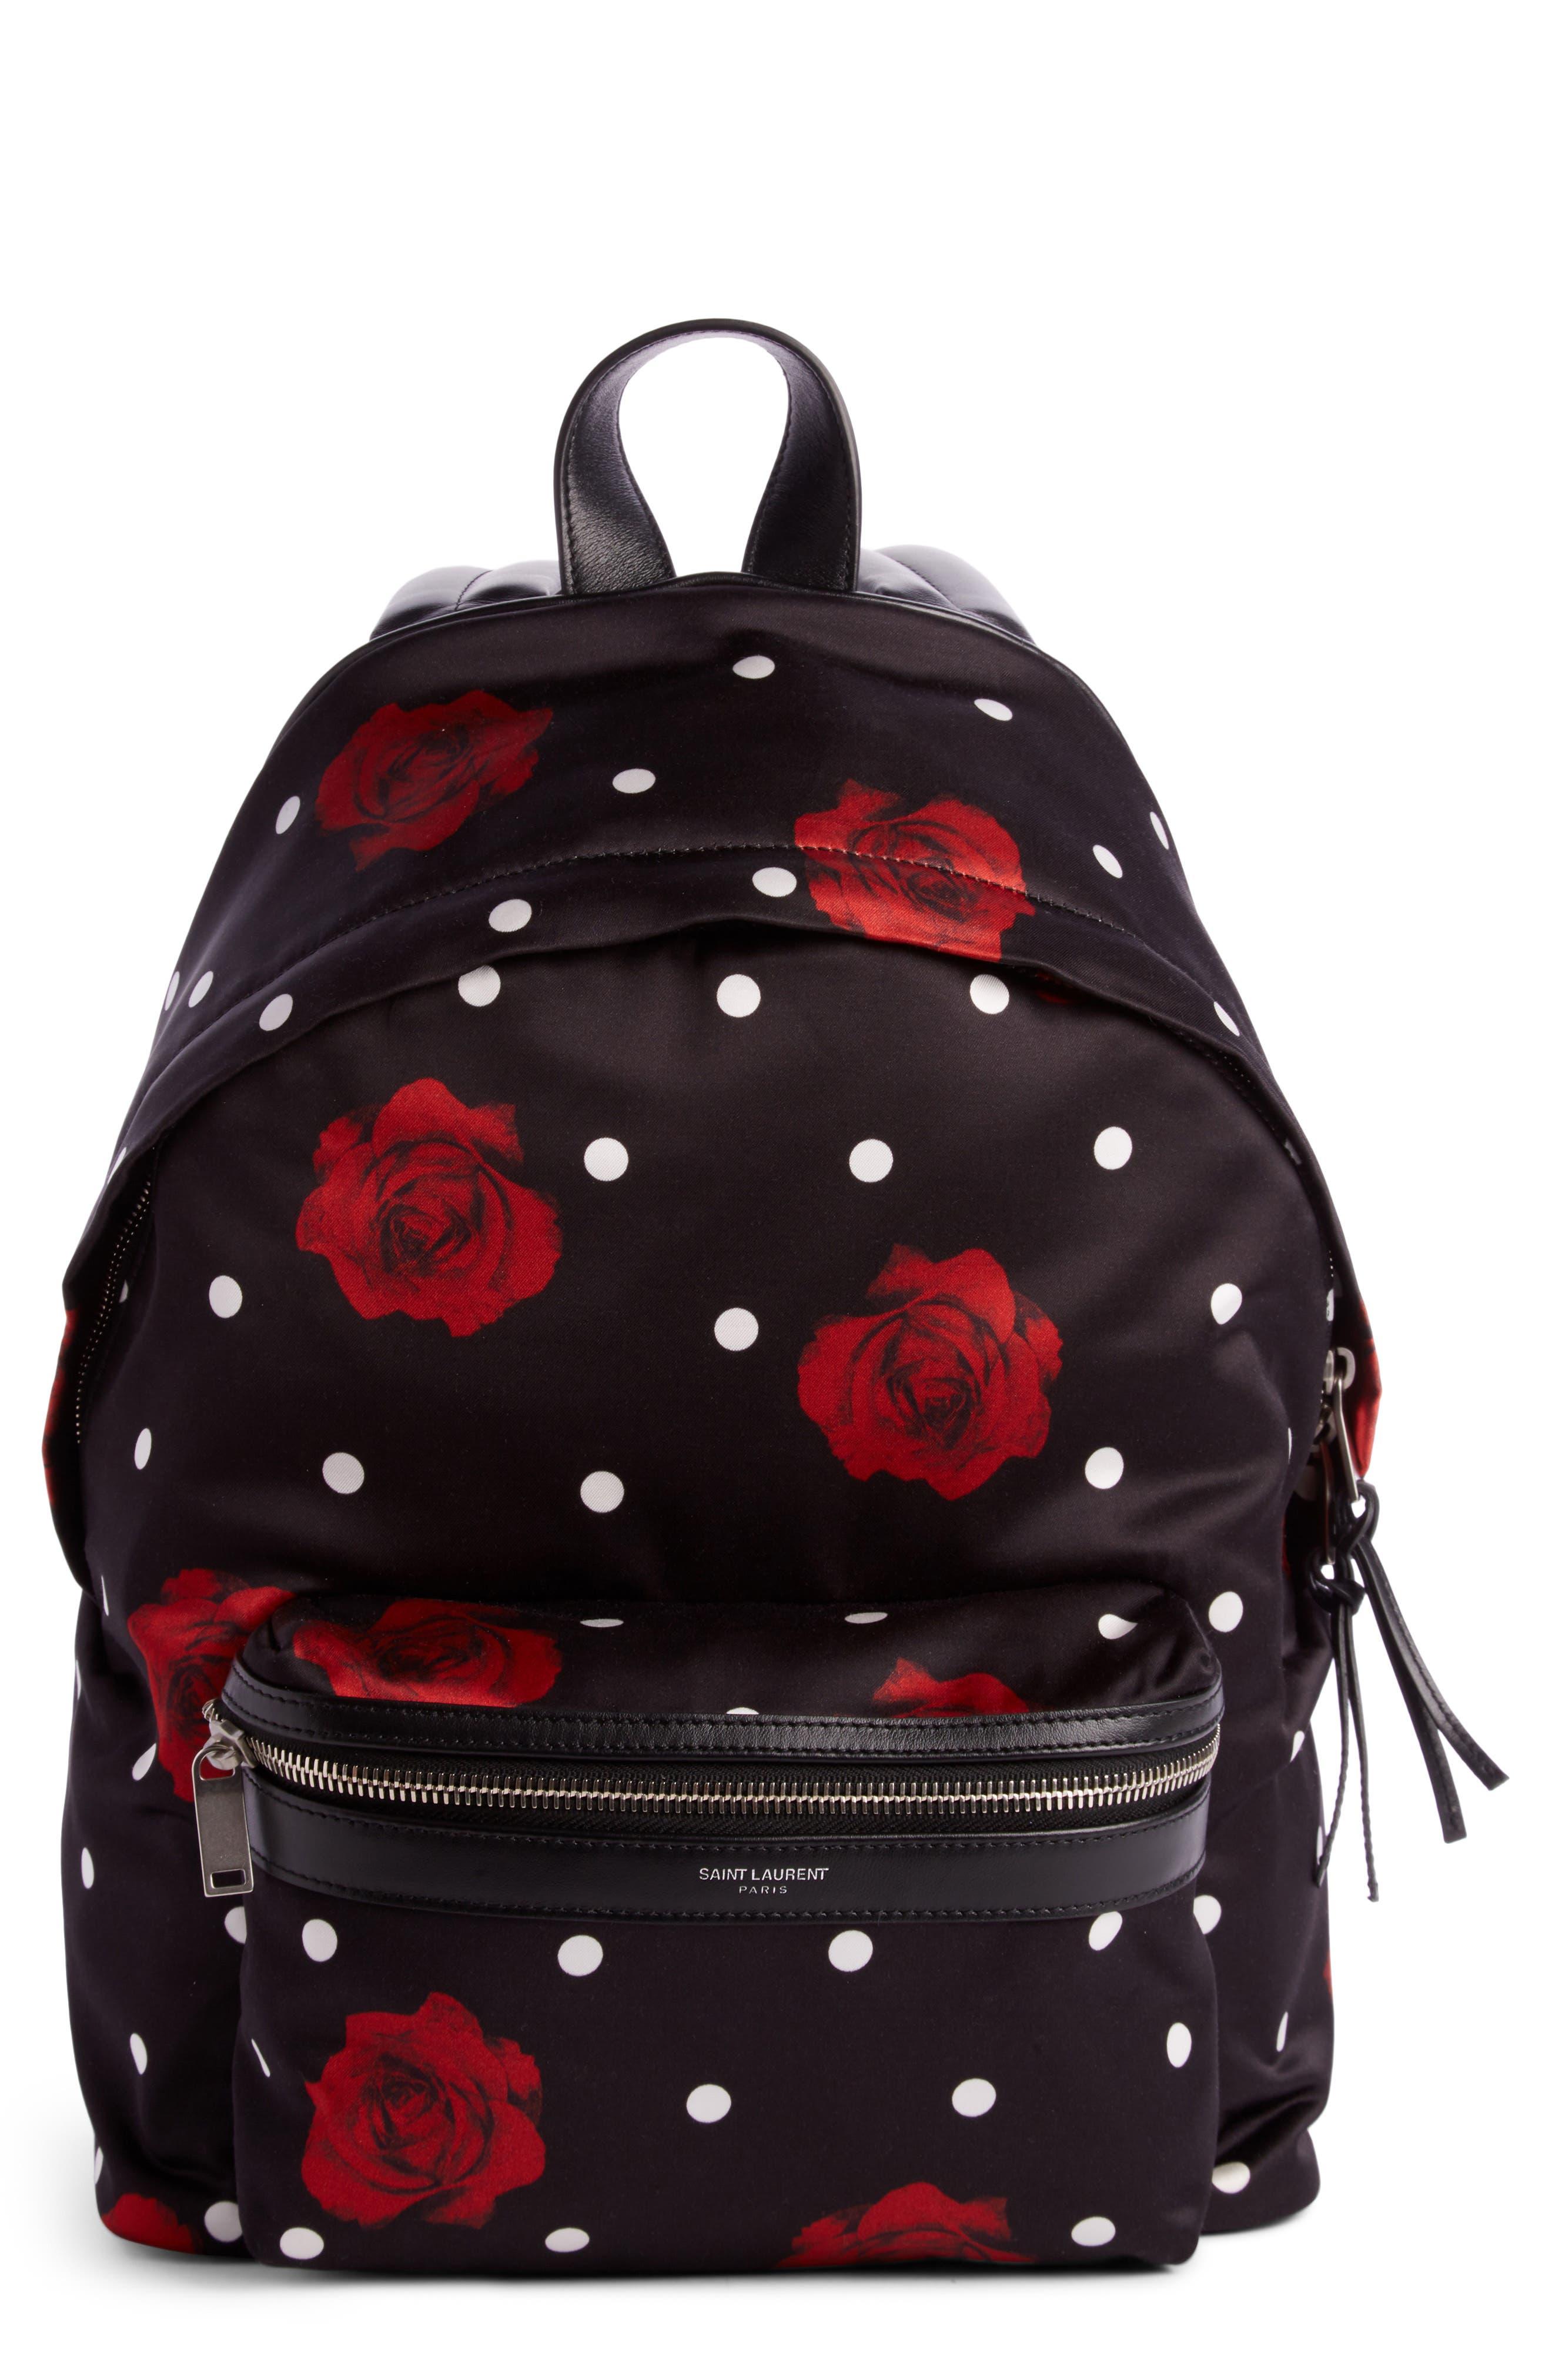 Alternate Image 1 Selected - Saint Laurent City Mini Rose Print Satin Backpack